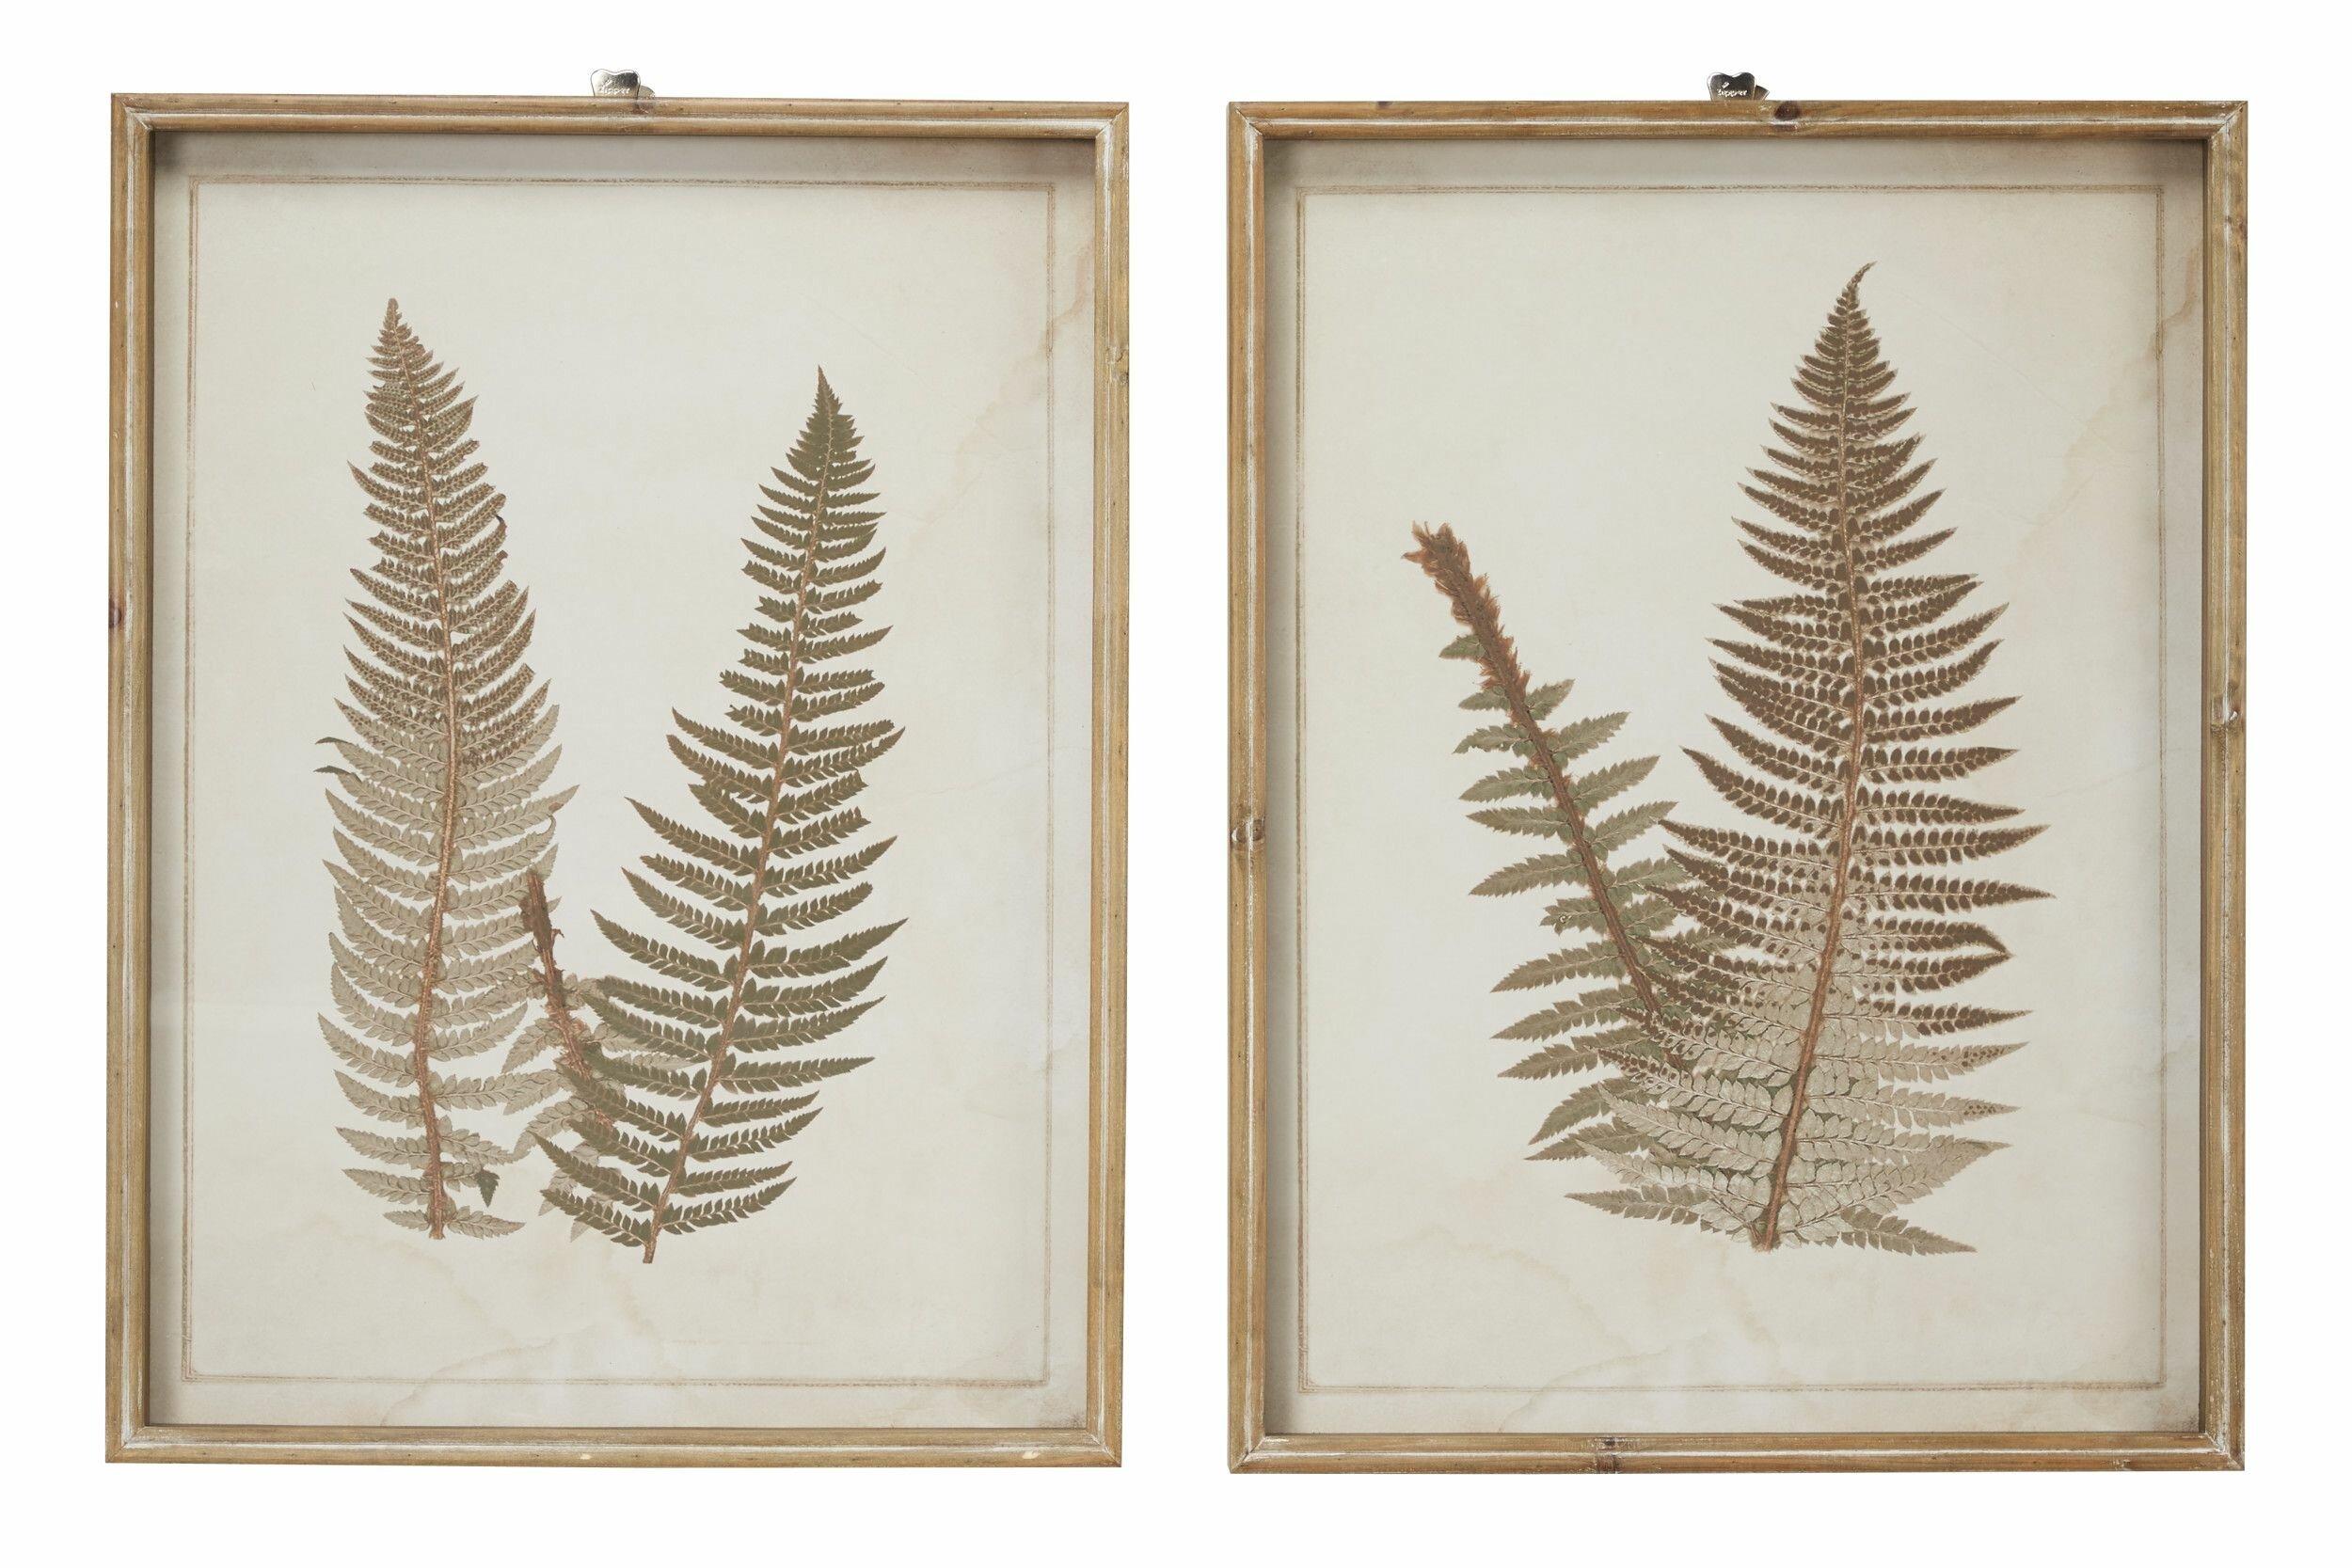 Large Vintage Fern Illustrations Framed Botanical Prints Wall Art Set Of 2 19 X 25 5 Each